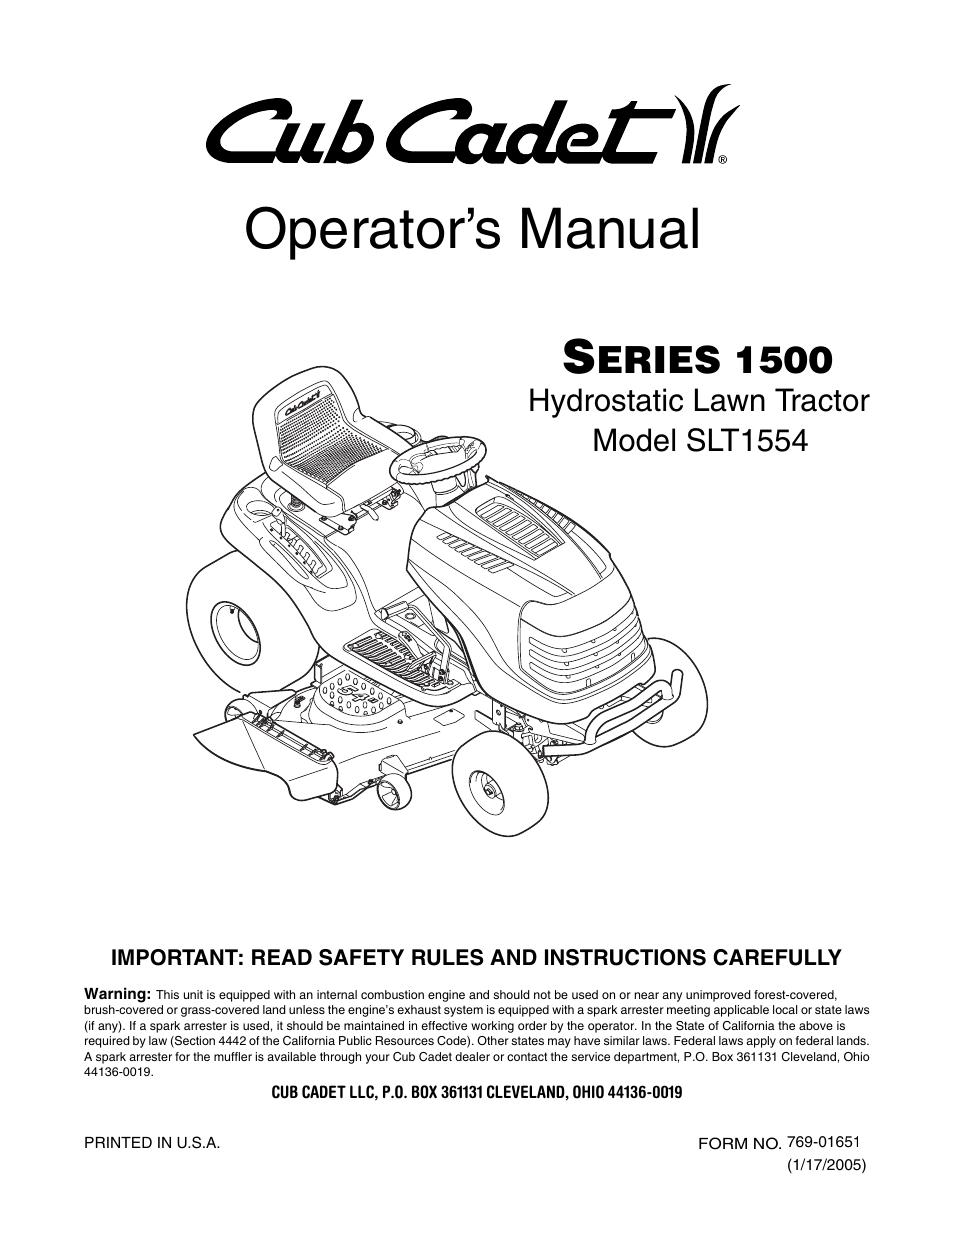 инструкция форма 769